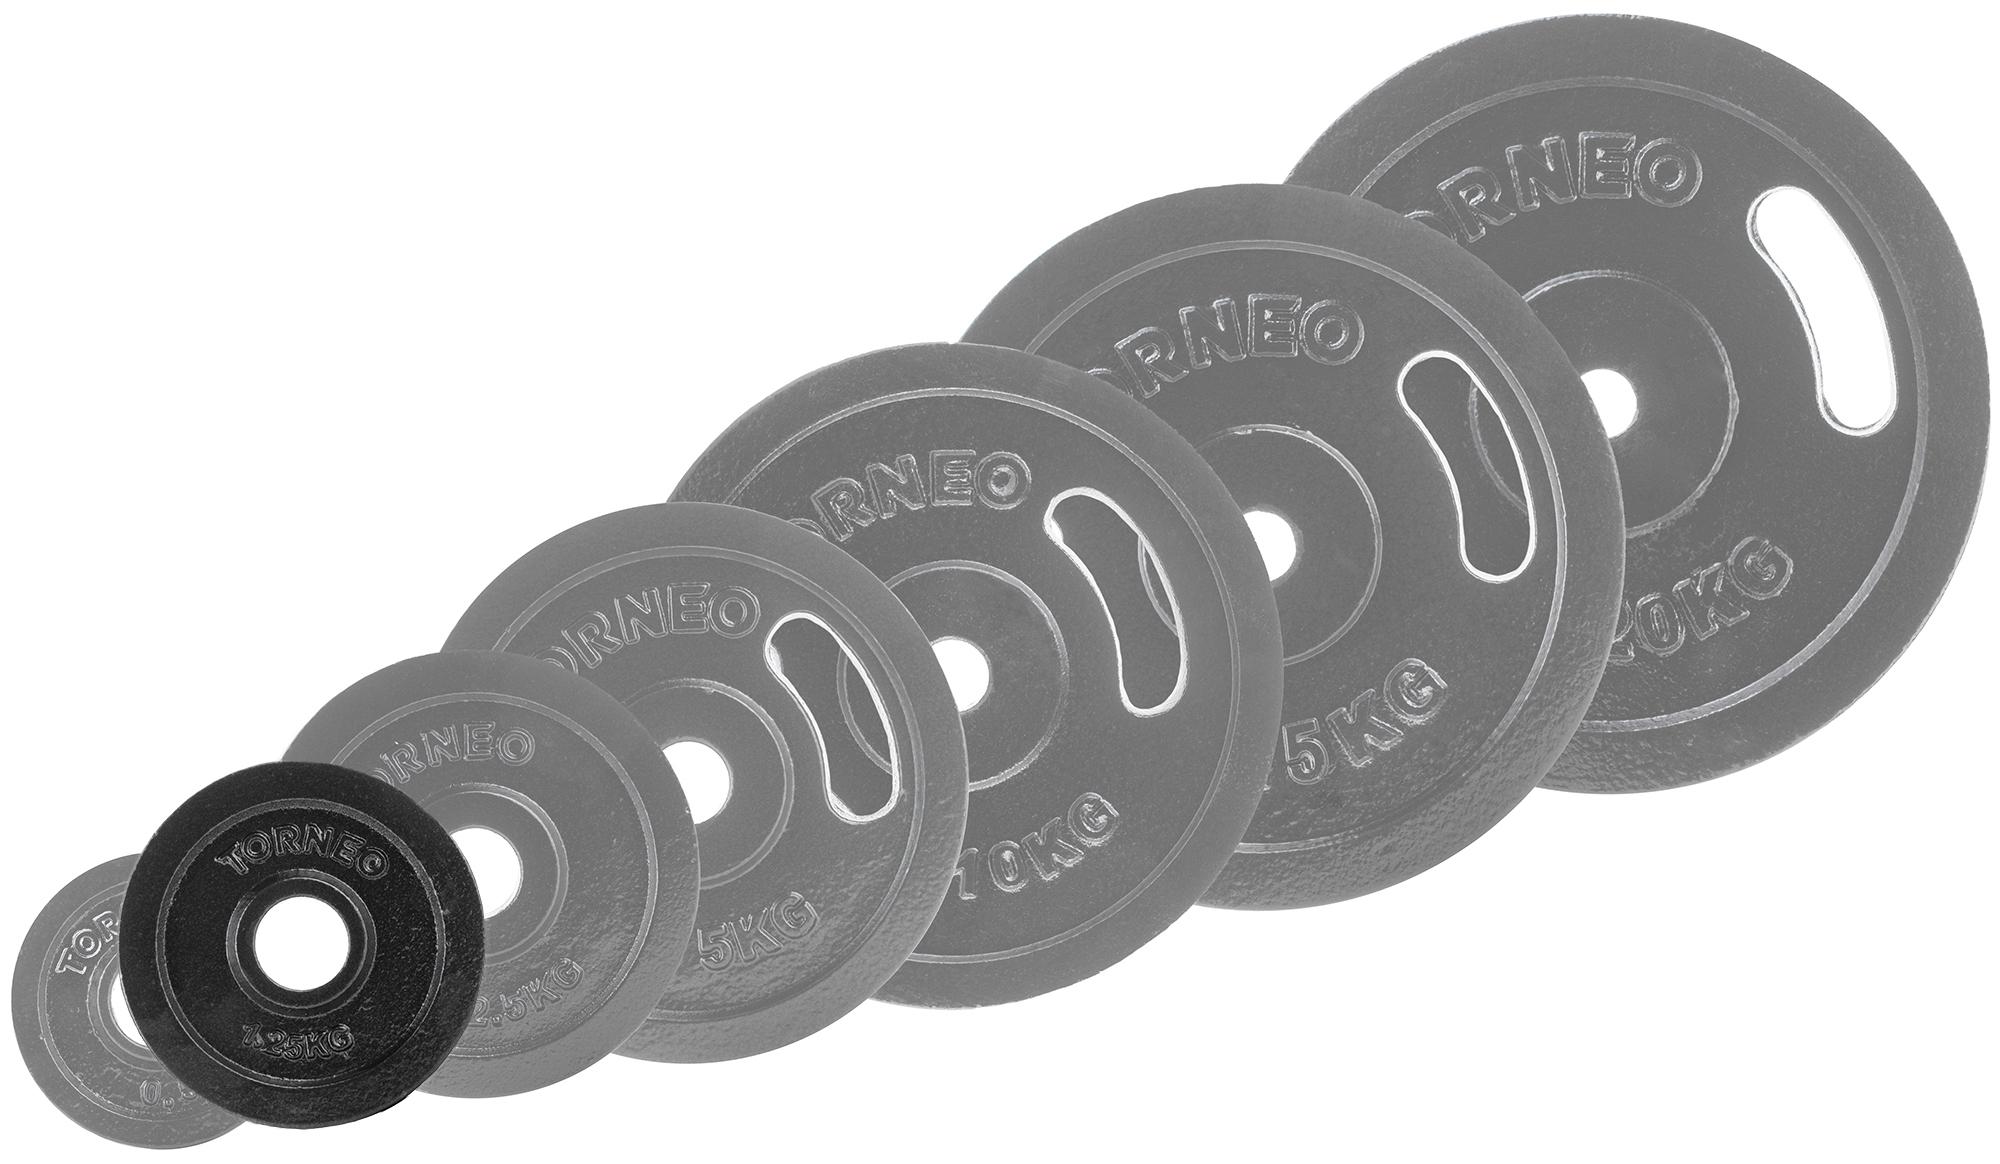 Torneo Блин Torneo стальной 1,25 кг